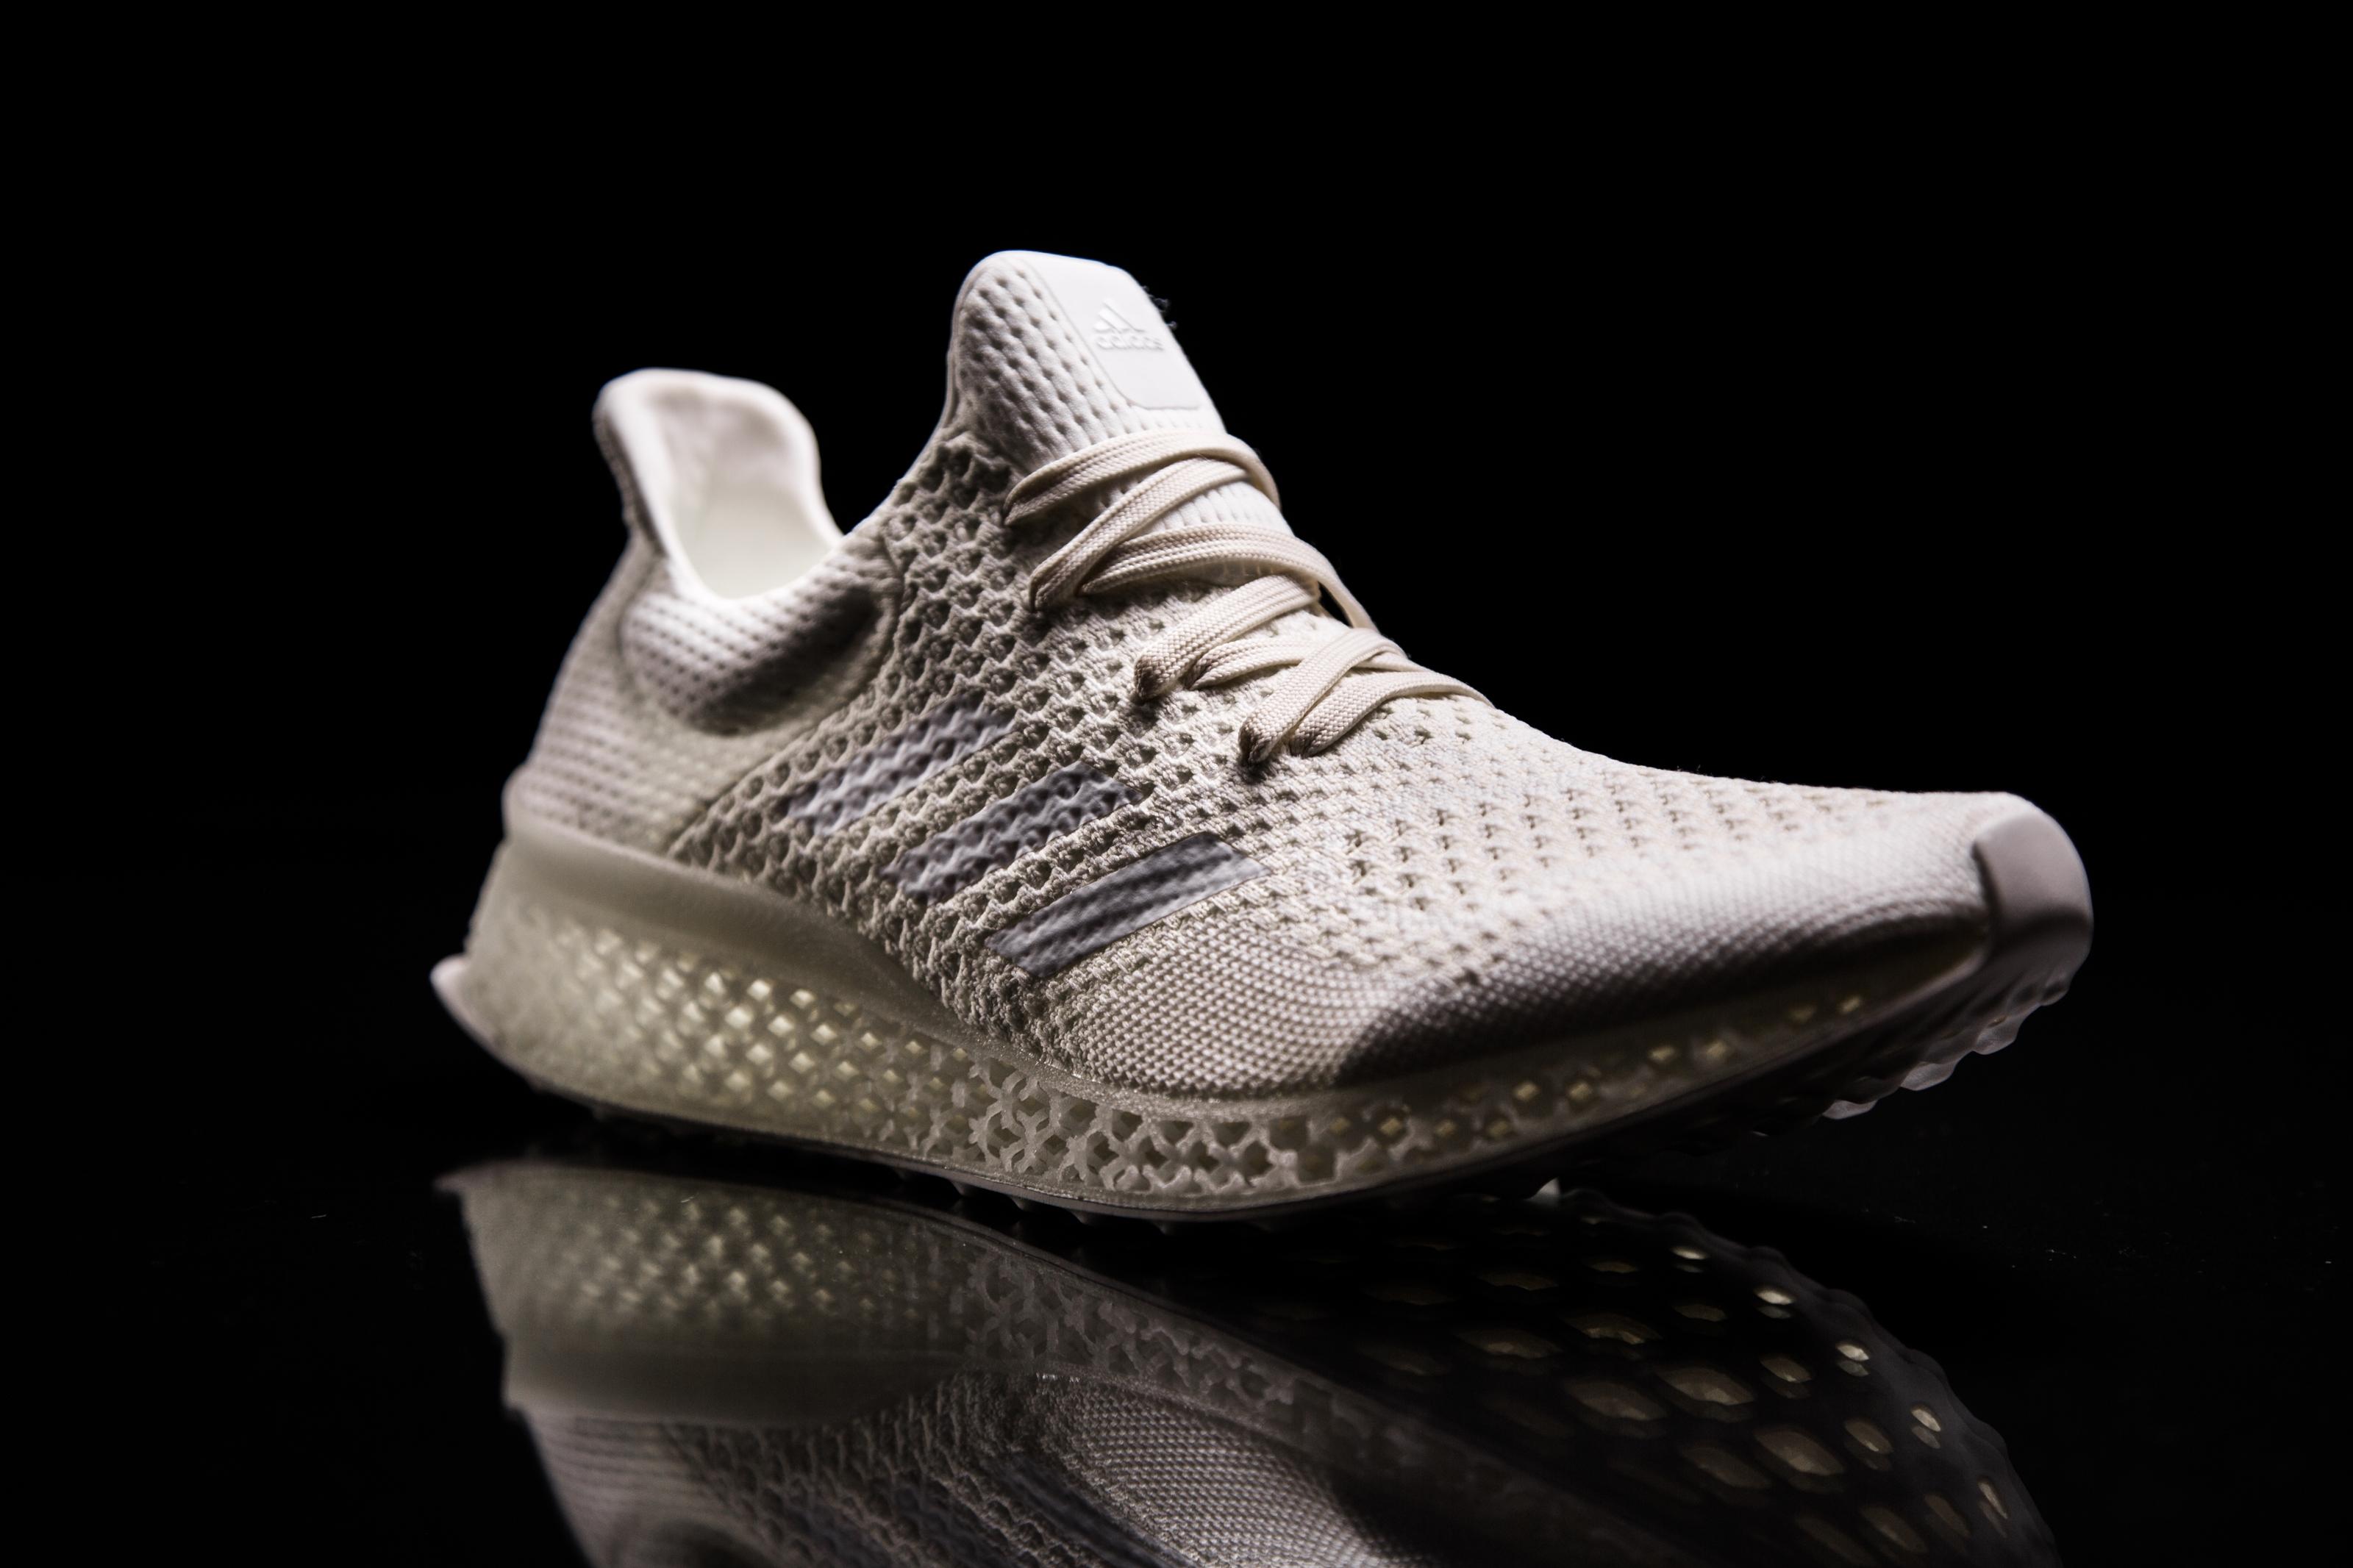 77152c6b32 Imagem de Futurecraft  Adidas quer imprimir tênis feitos sob medida para  você  vídeo